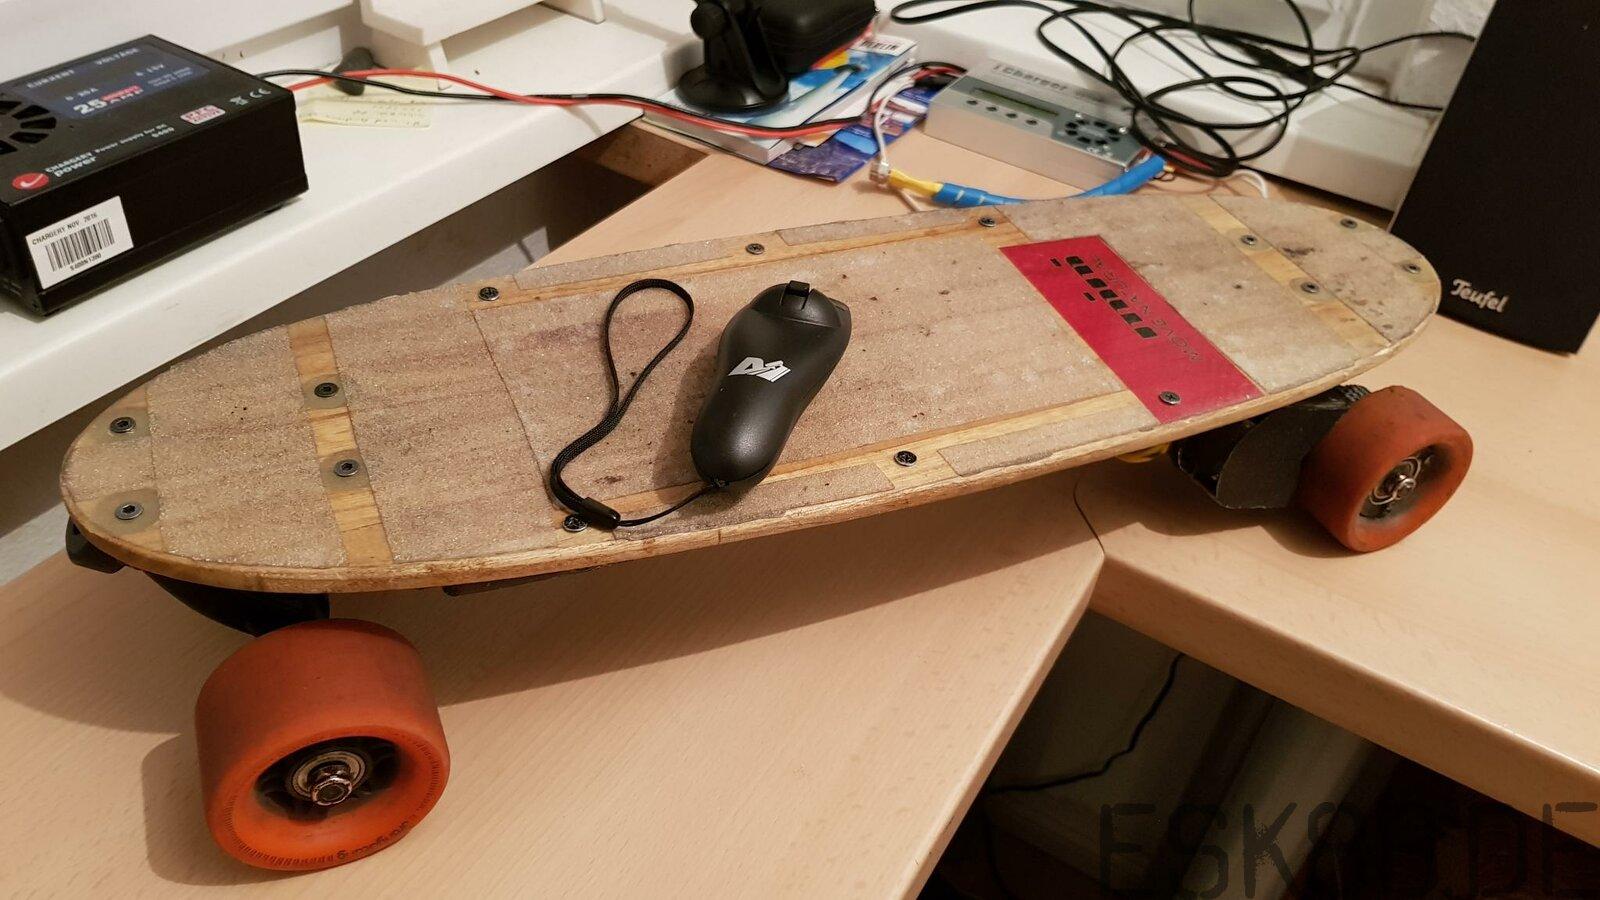 Pocketboard ist fertig, alter vesc mit neuer FW und der Maytech Remote Kontroller. Das alte leichte Deck dran für minimale Grösse und Gewicht. 3,38 Kg